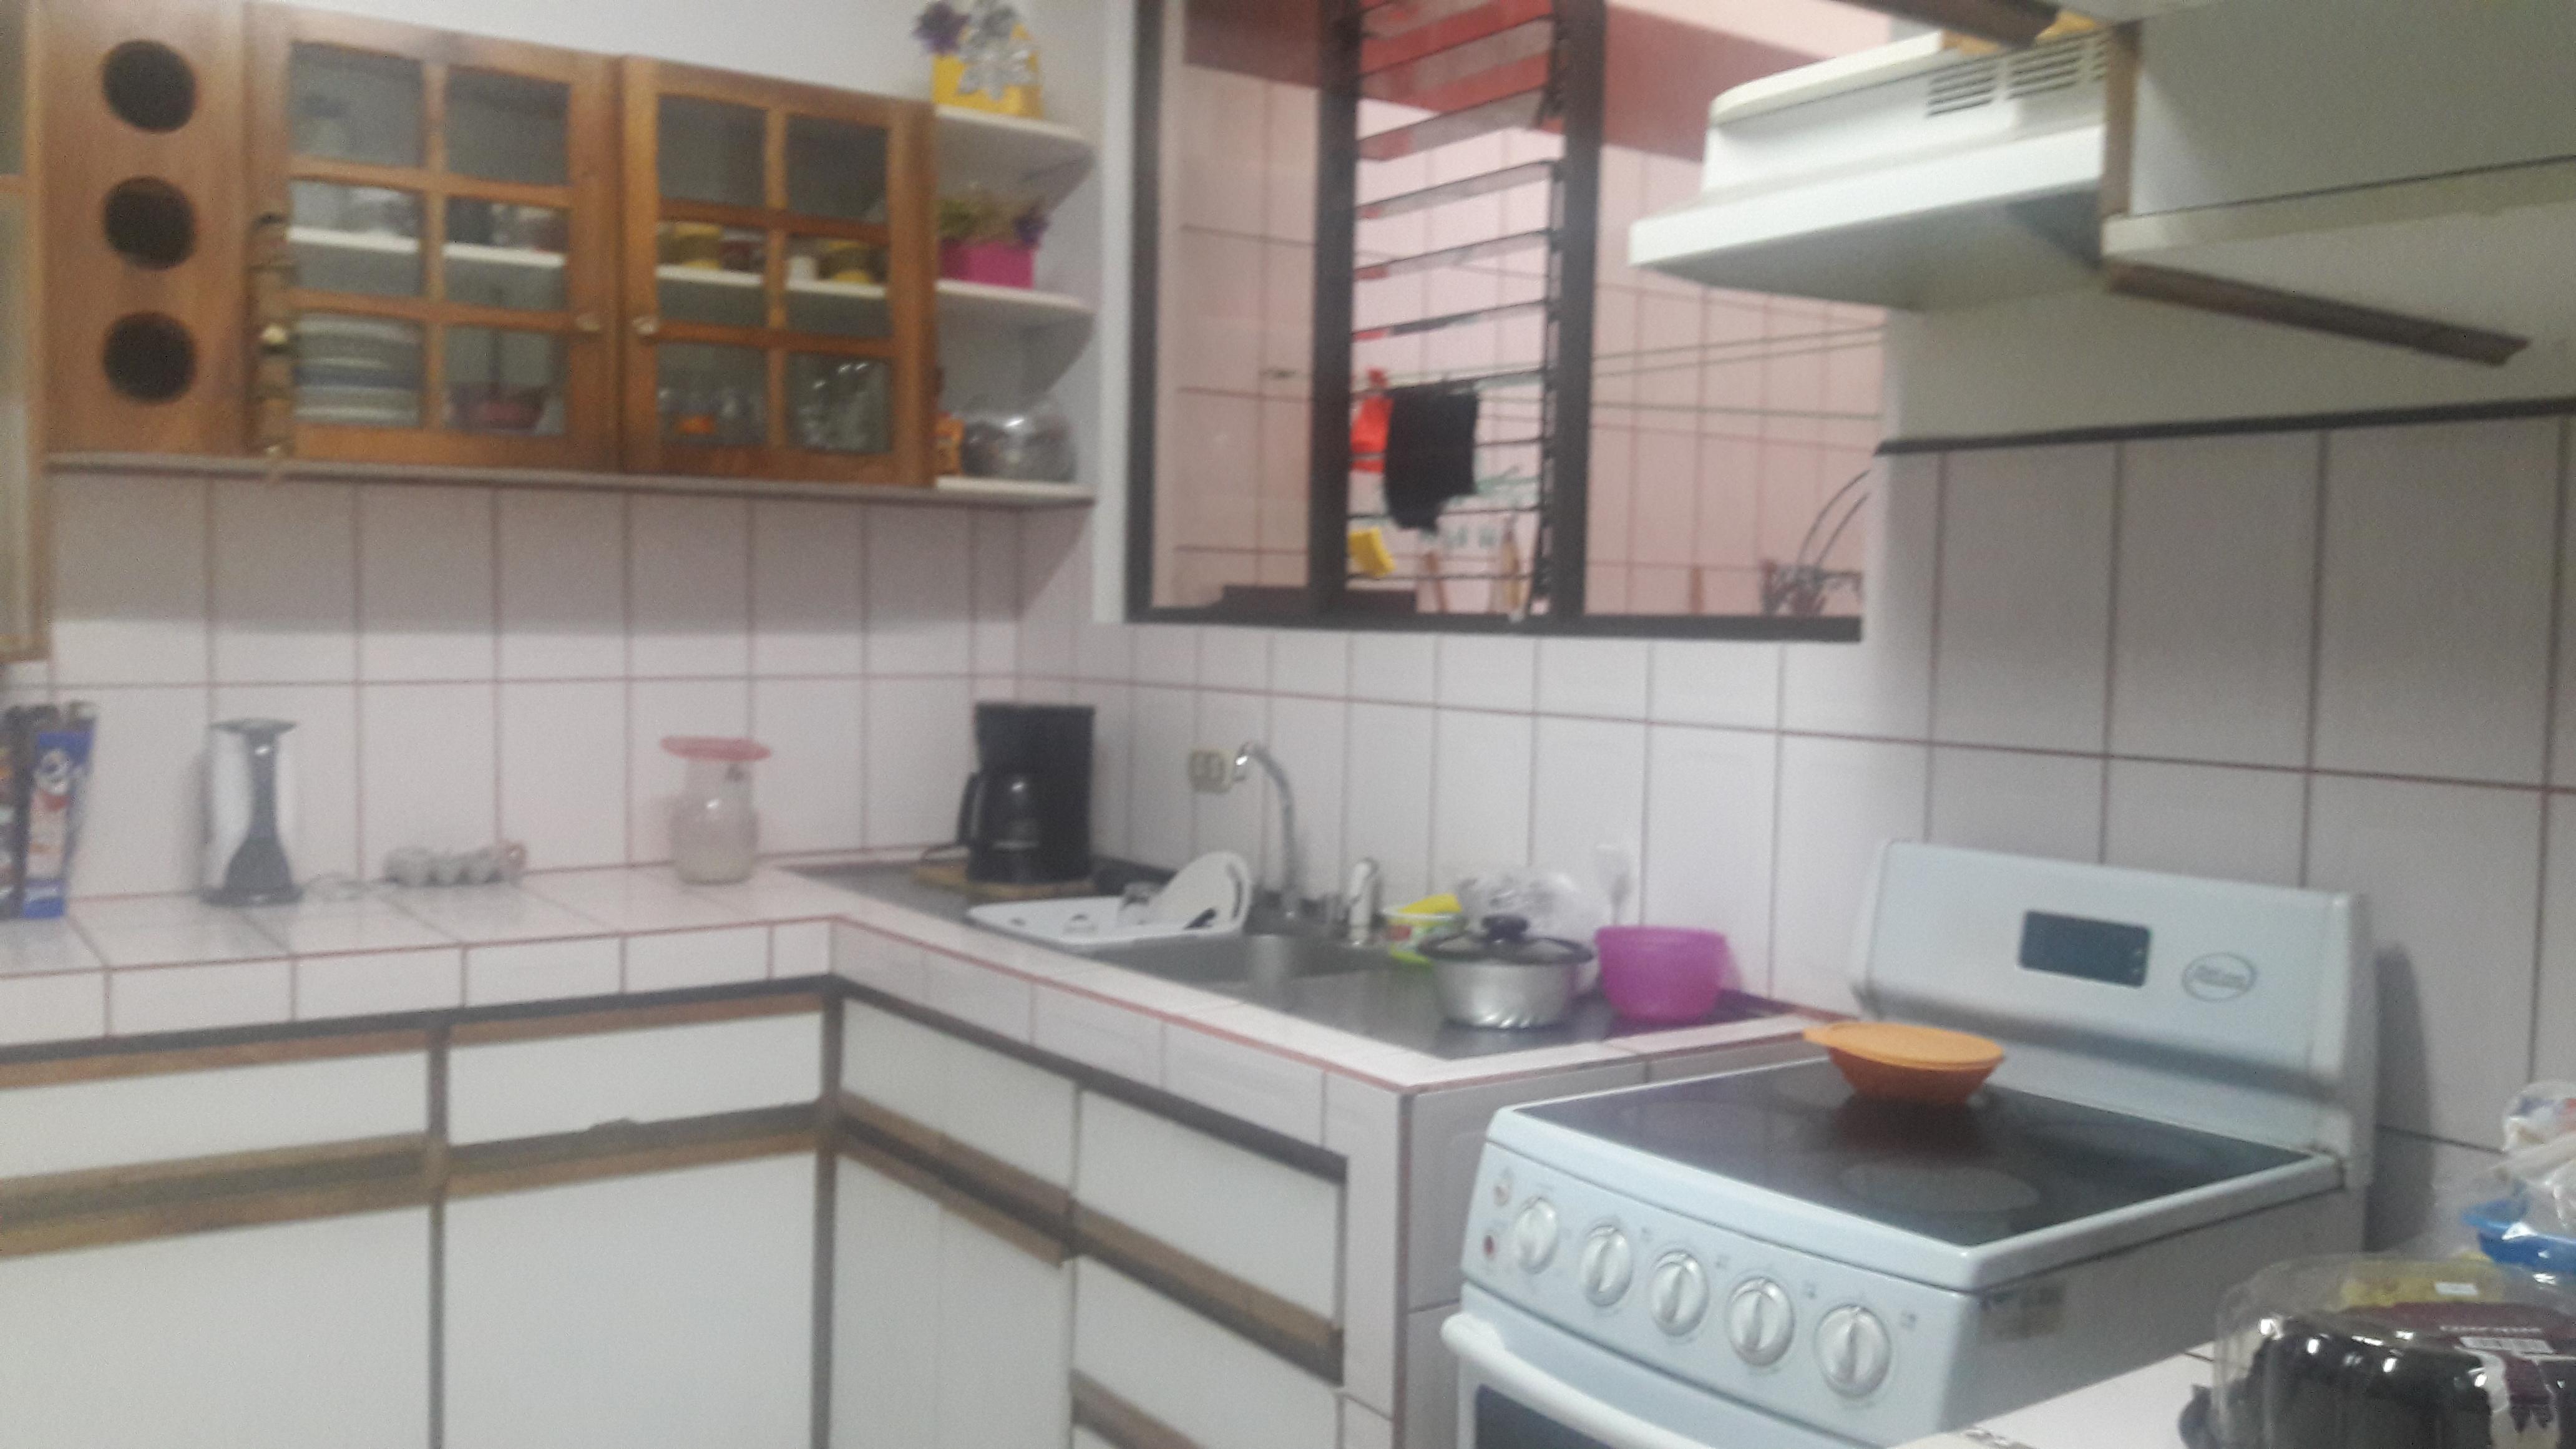 Archivo:Cocina -Casa de Habitacion - San Jose Costa Rica.jpg ...